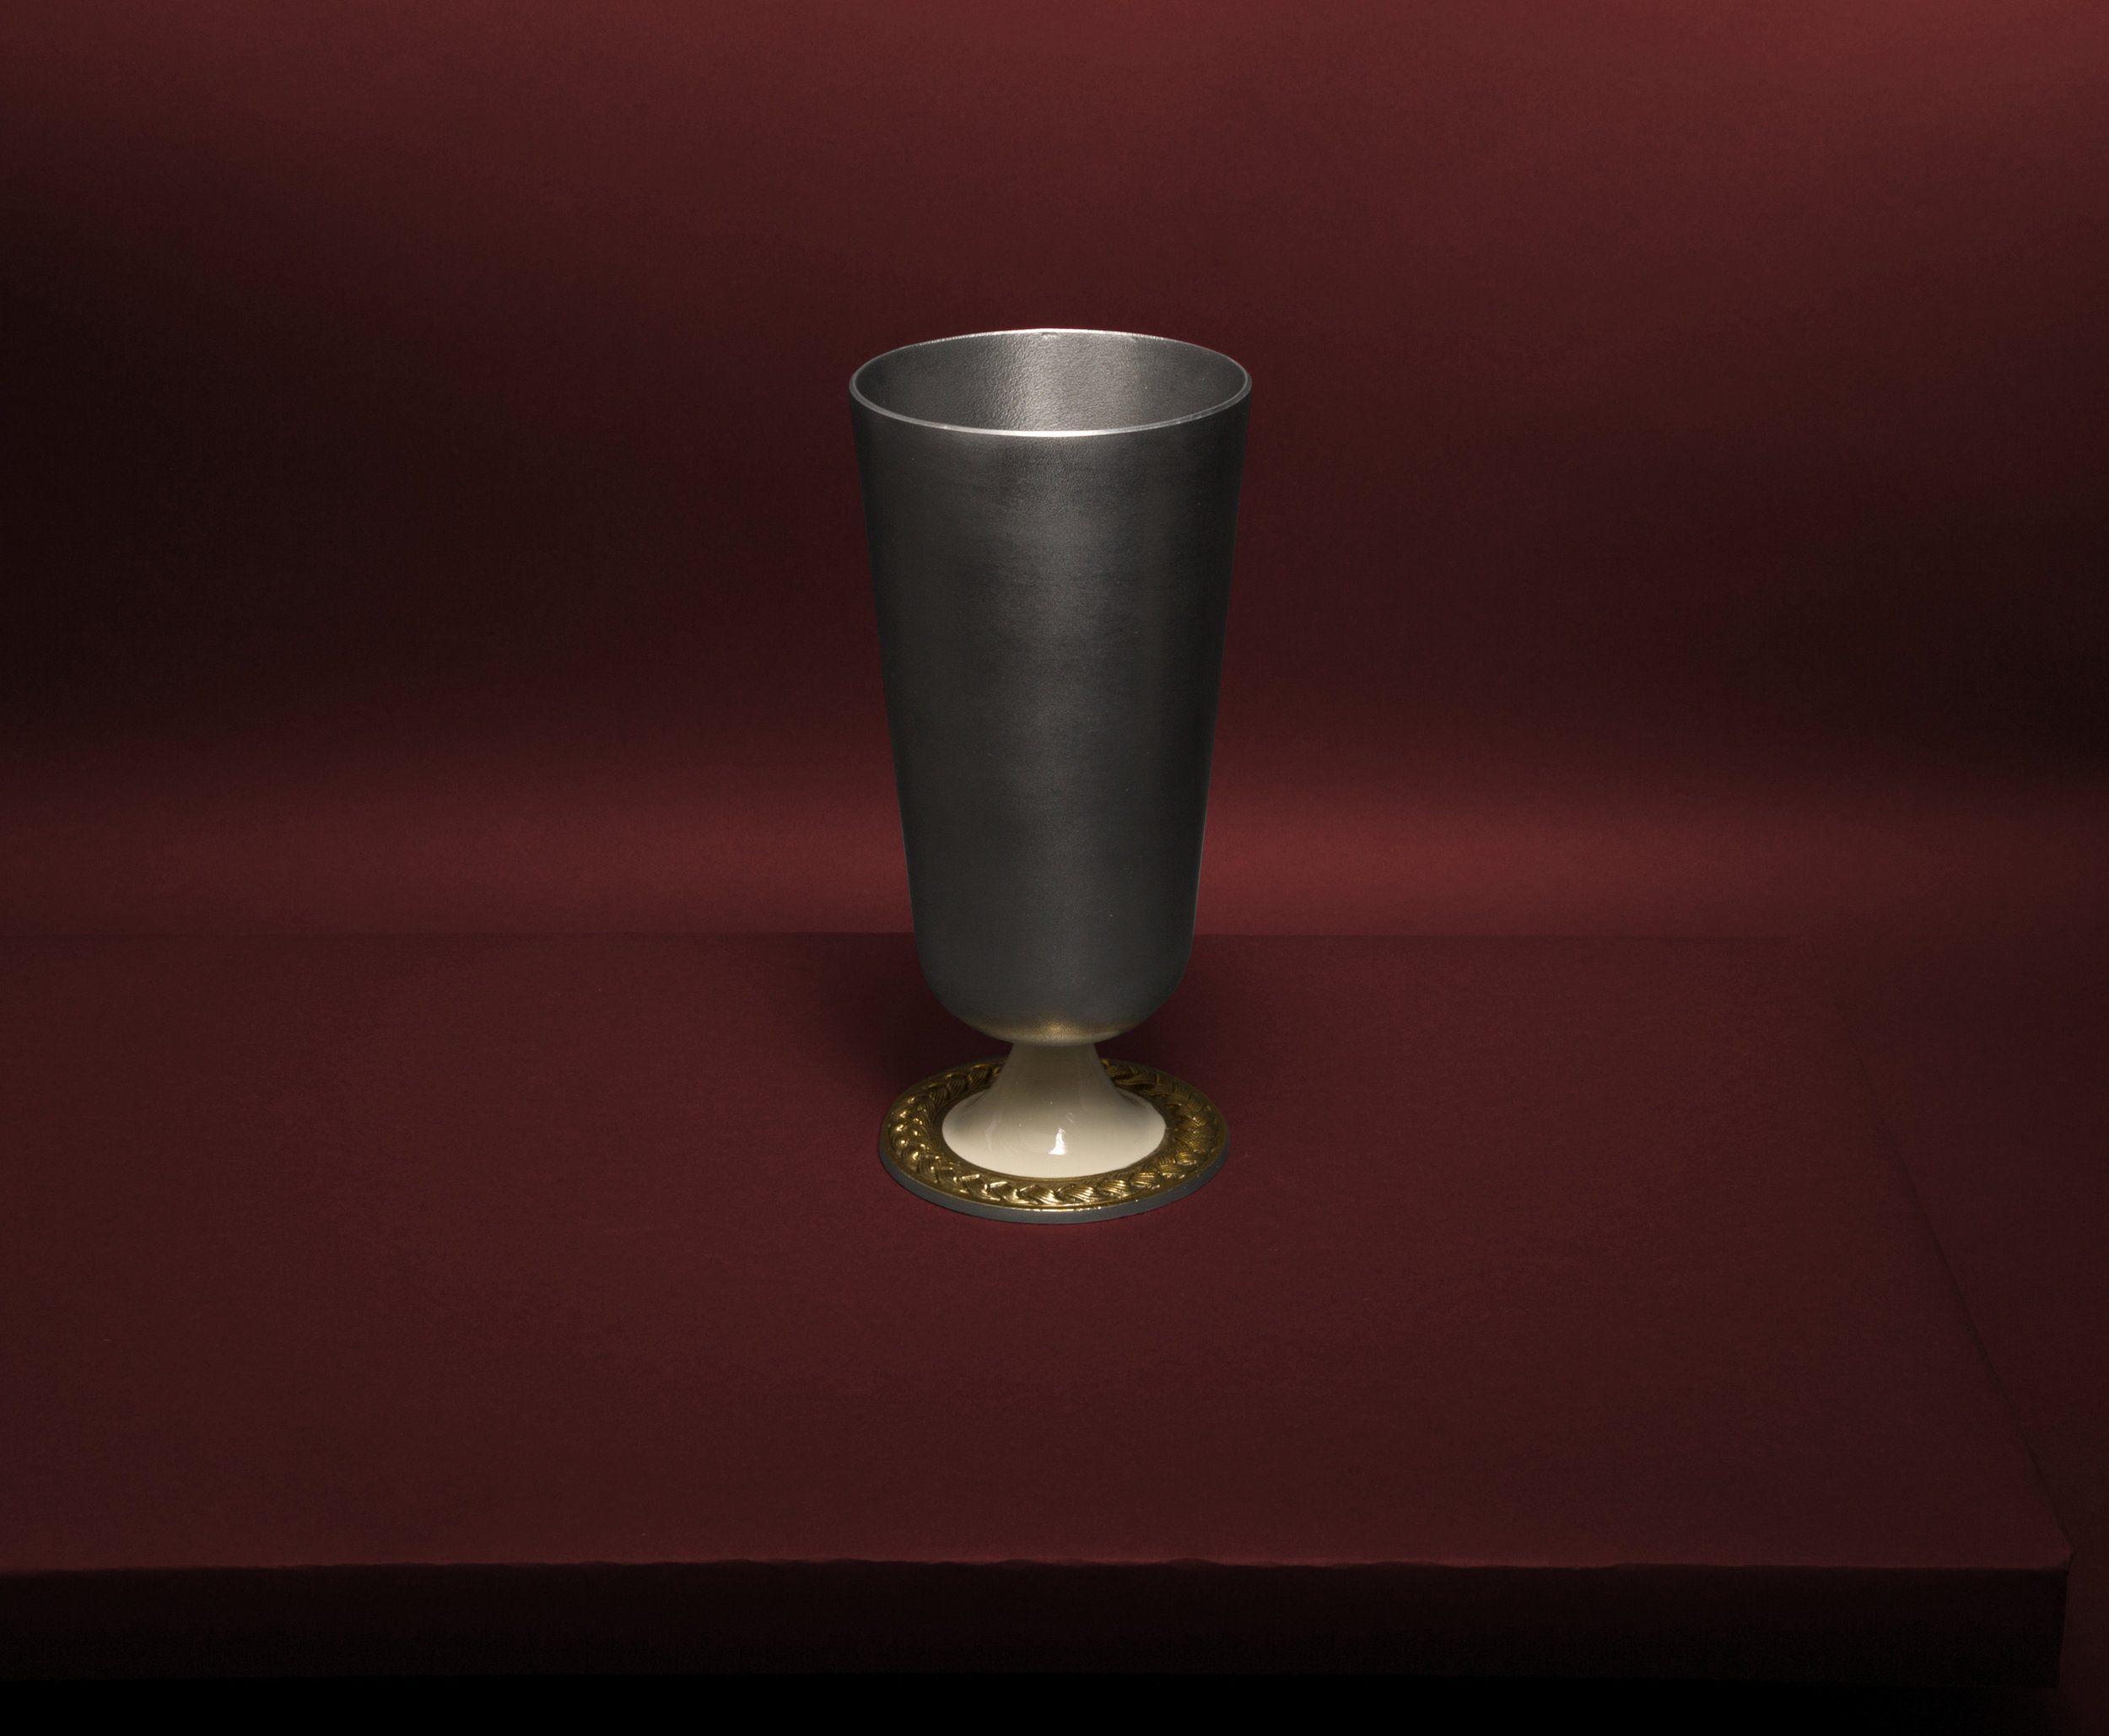 Marigold_Categories_Braid_Vase.jpg